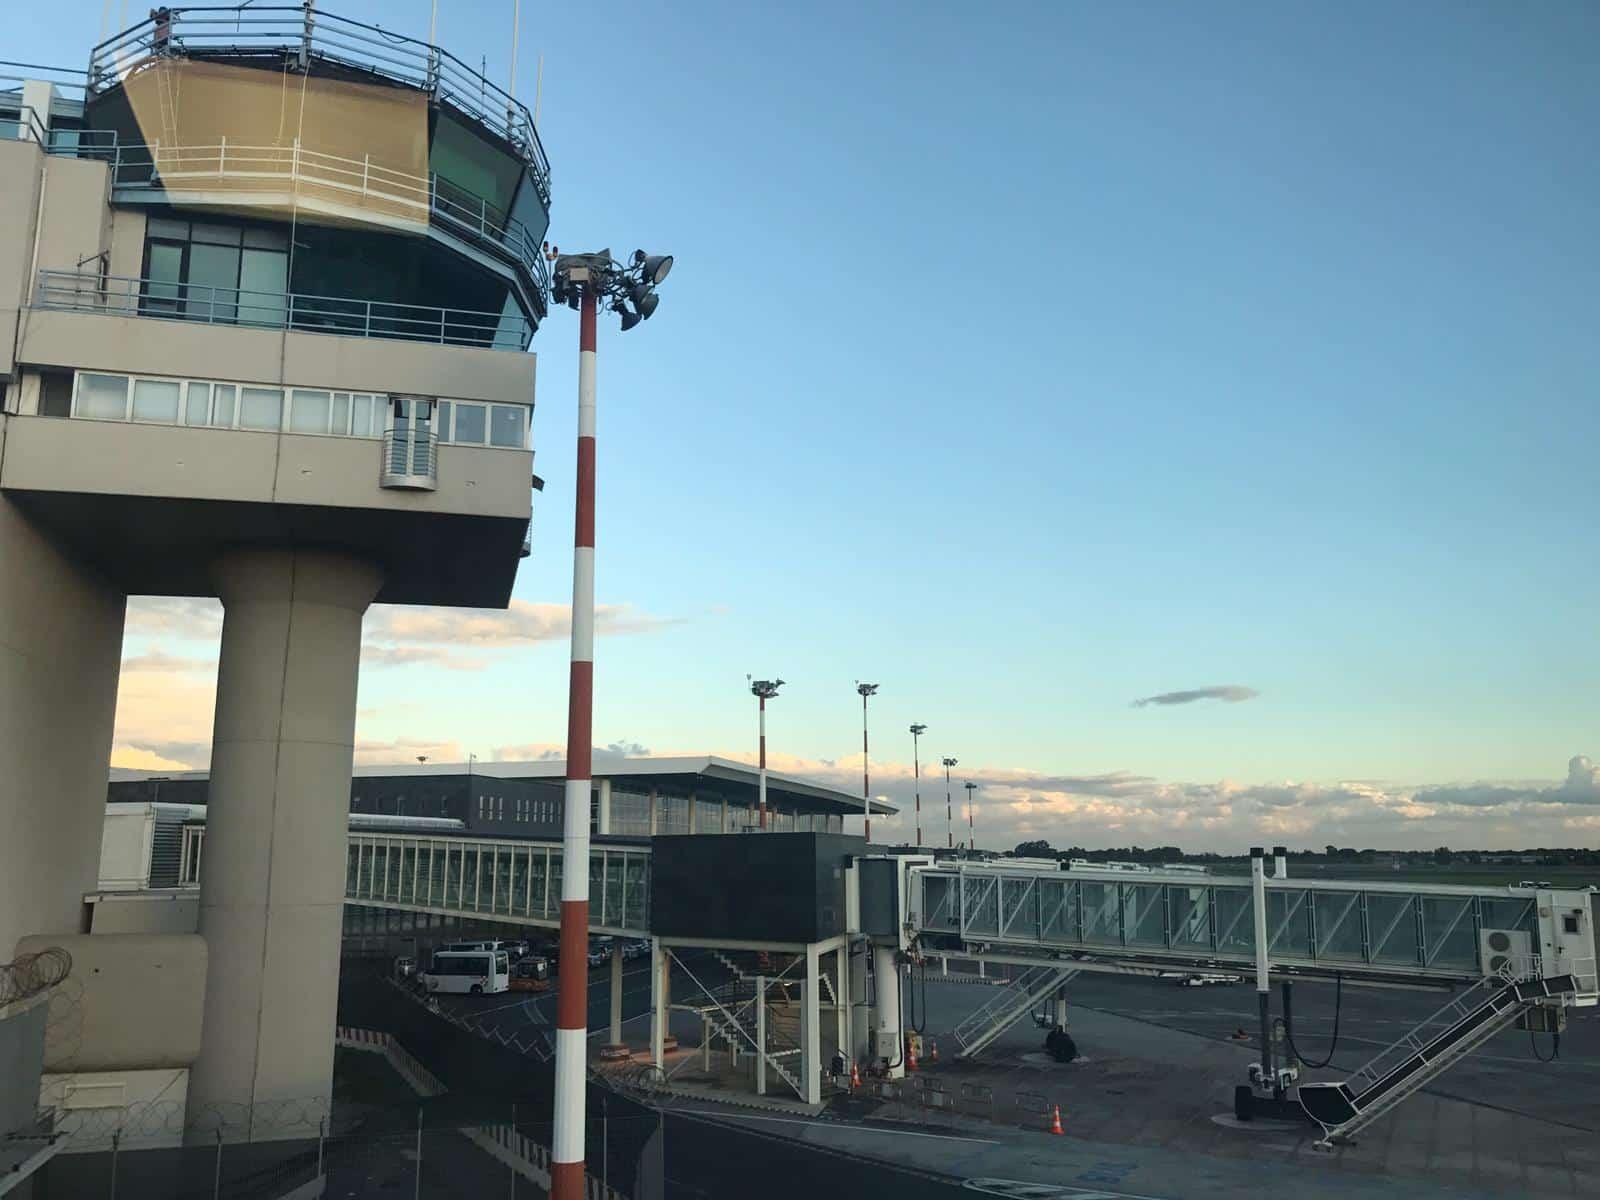 Aeroporto di Catania, arrivi e partenze sospese a causa incendi